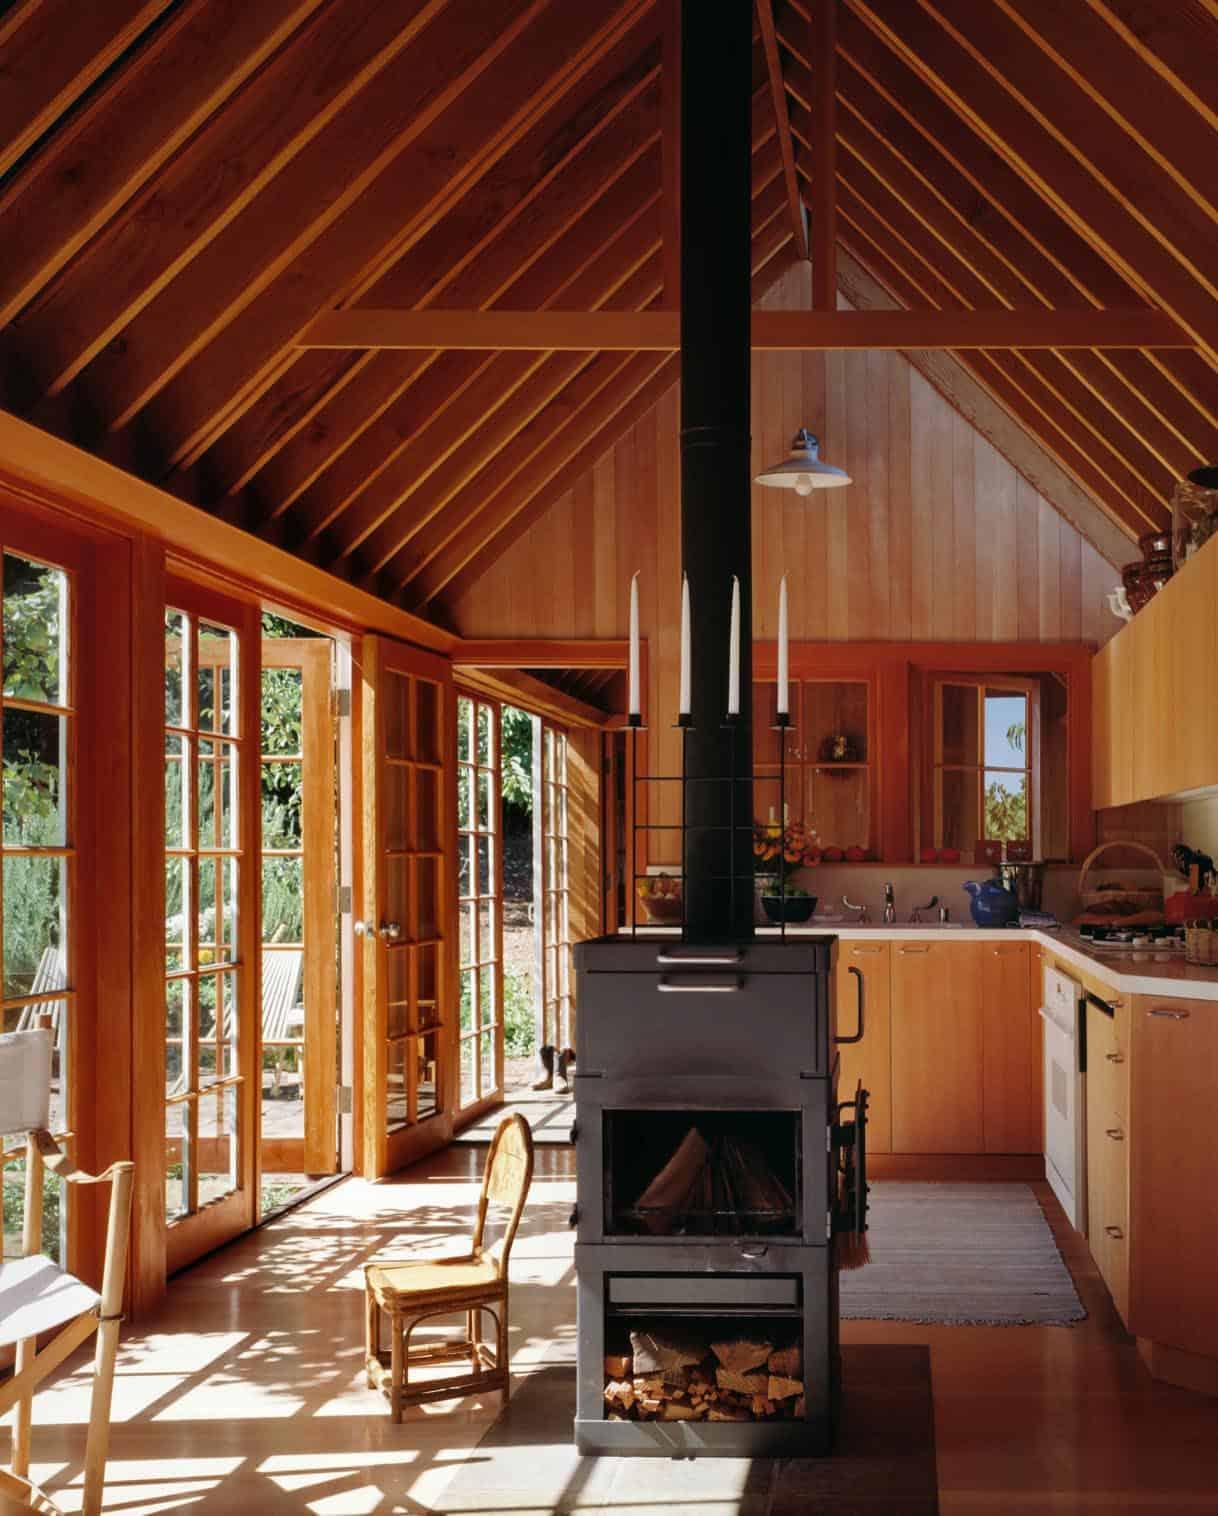 rustikalna-kabina-kuhinja